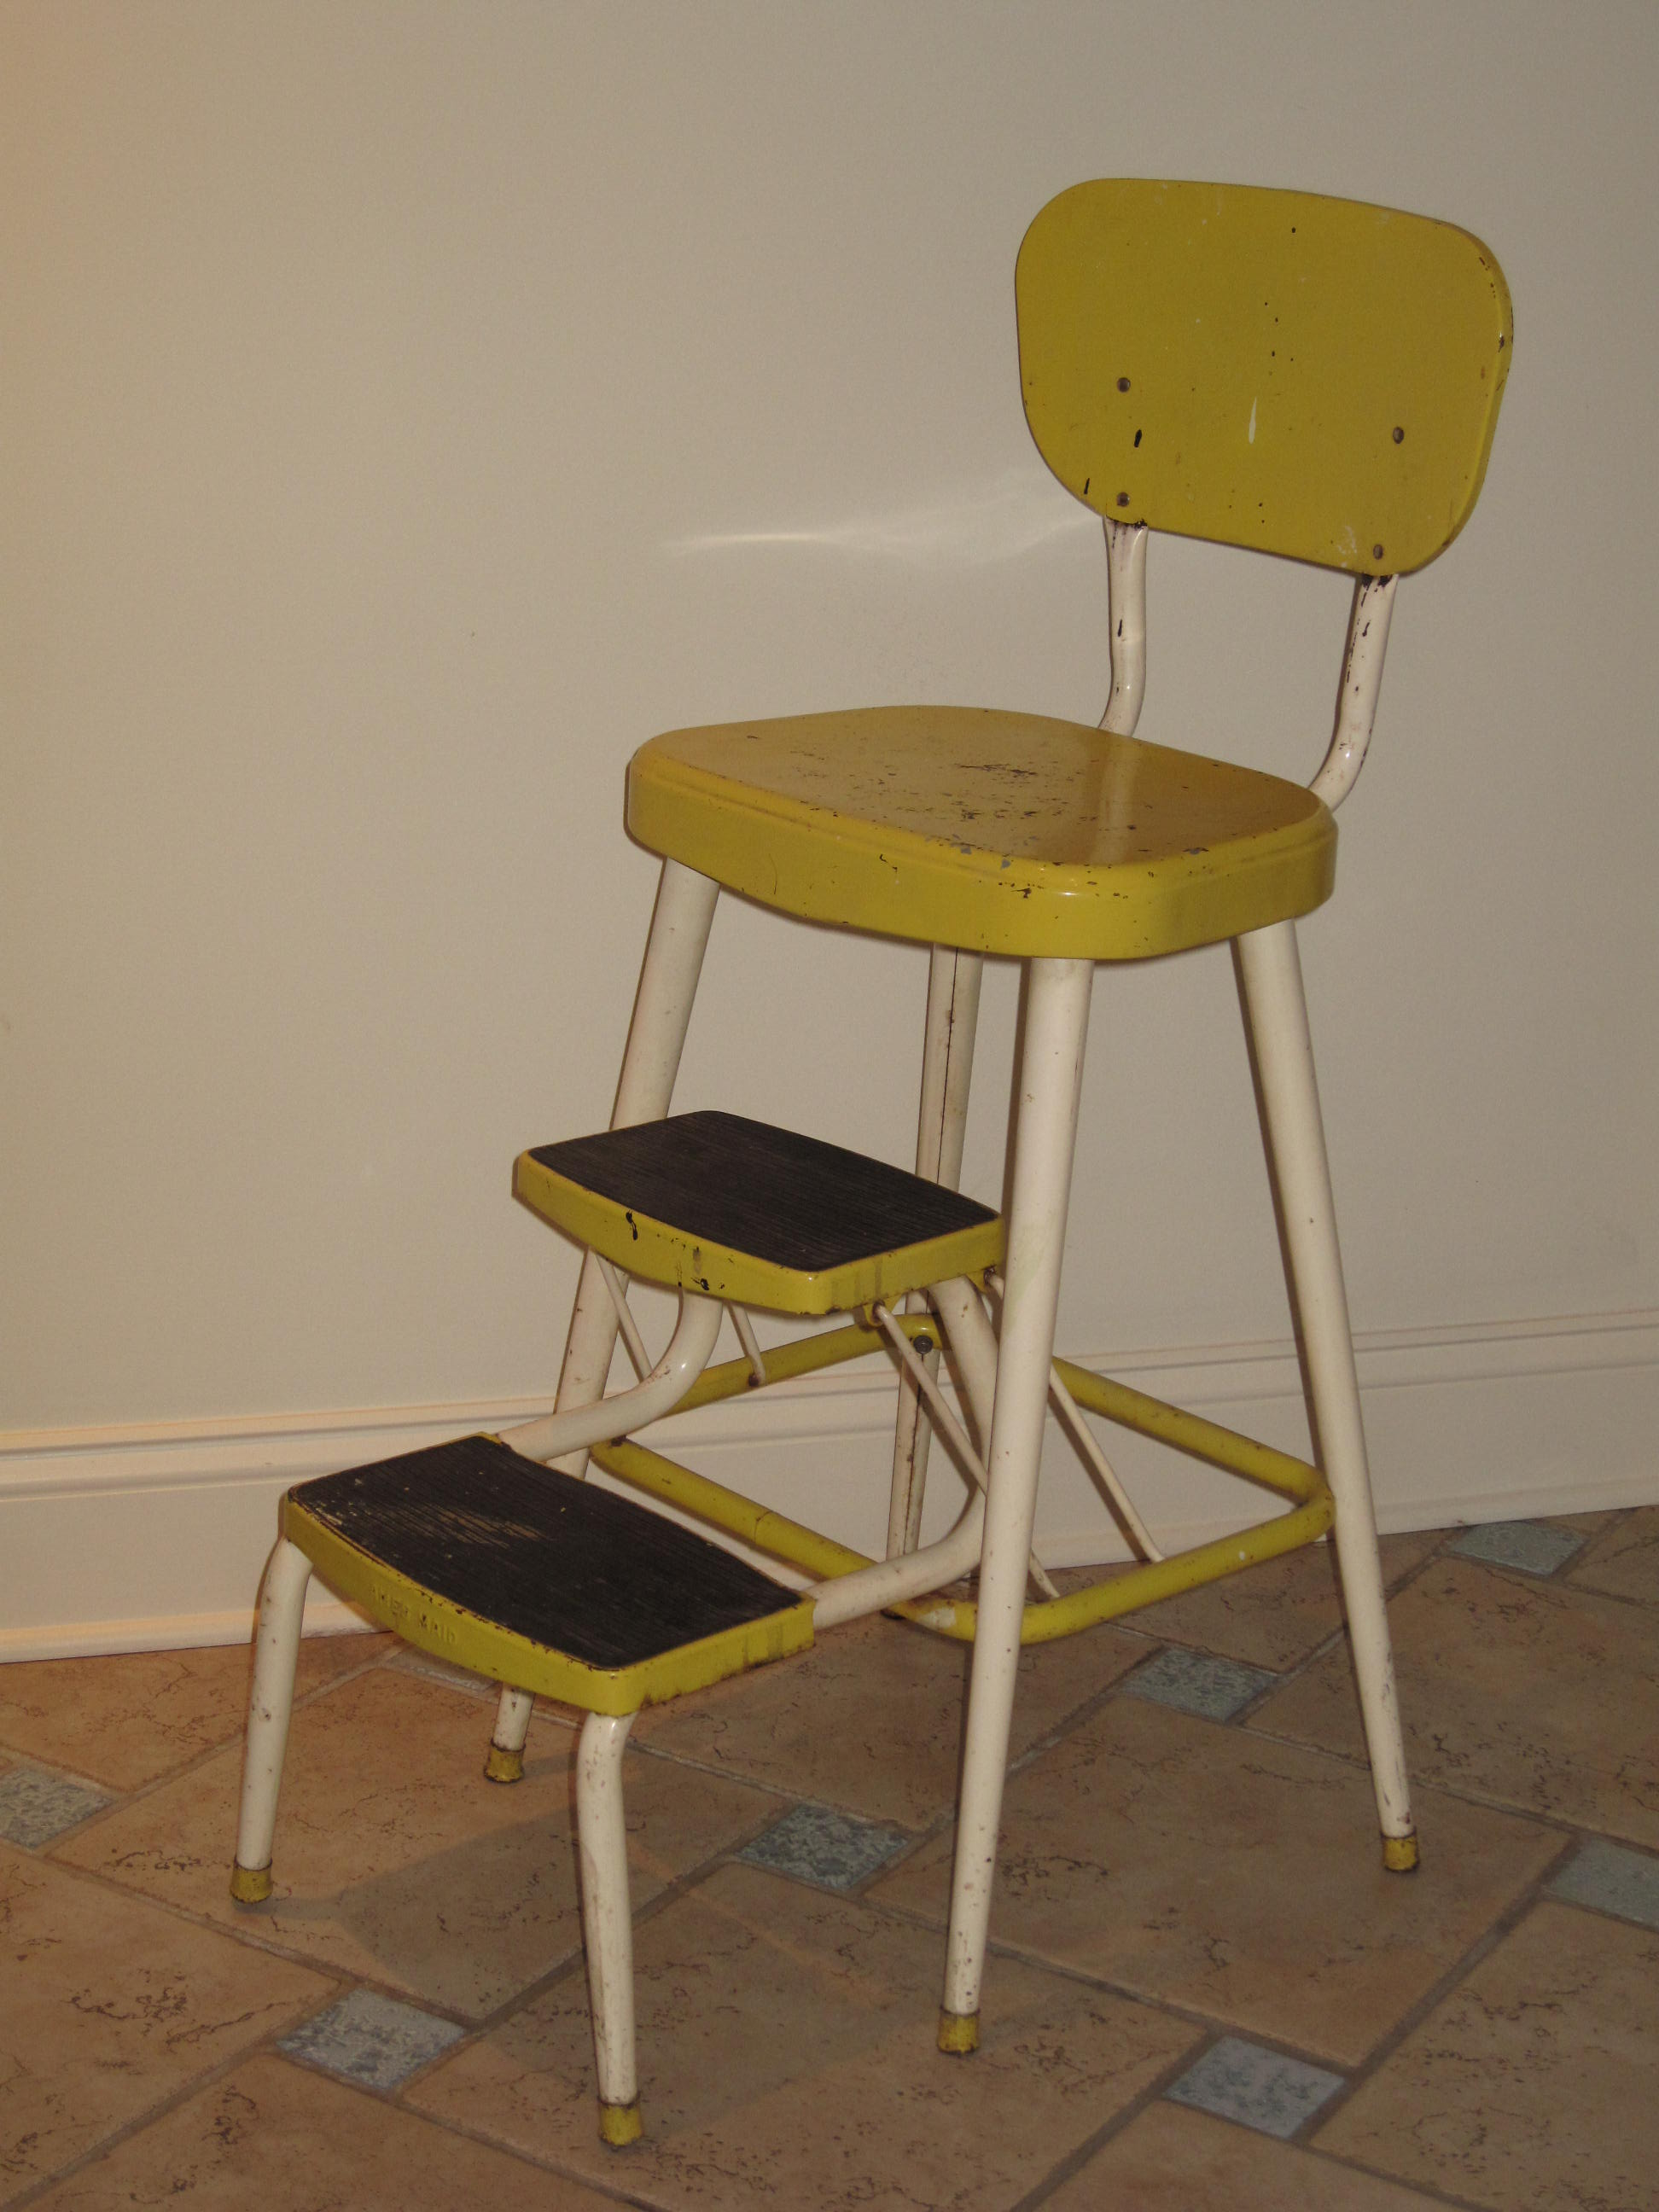 Antique metal high chair -